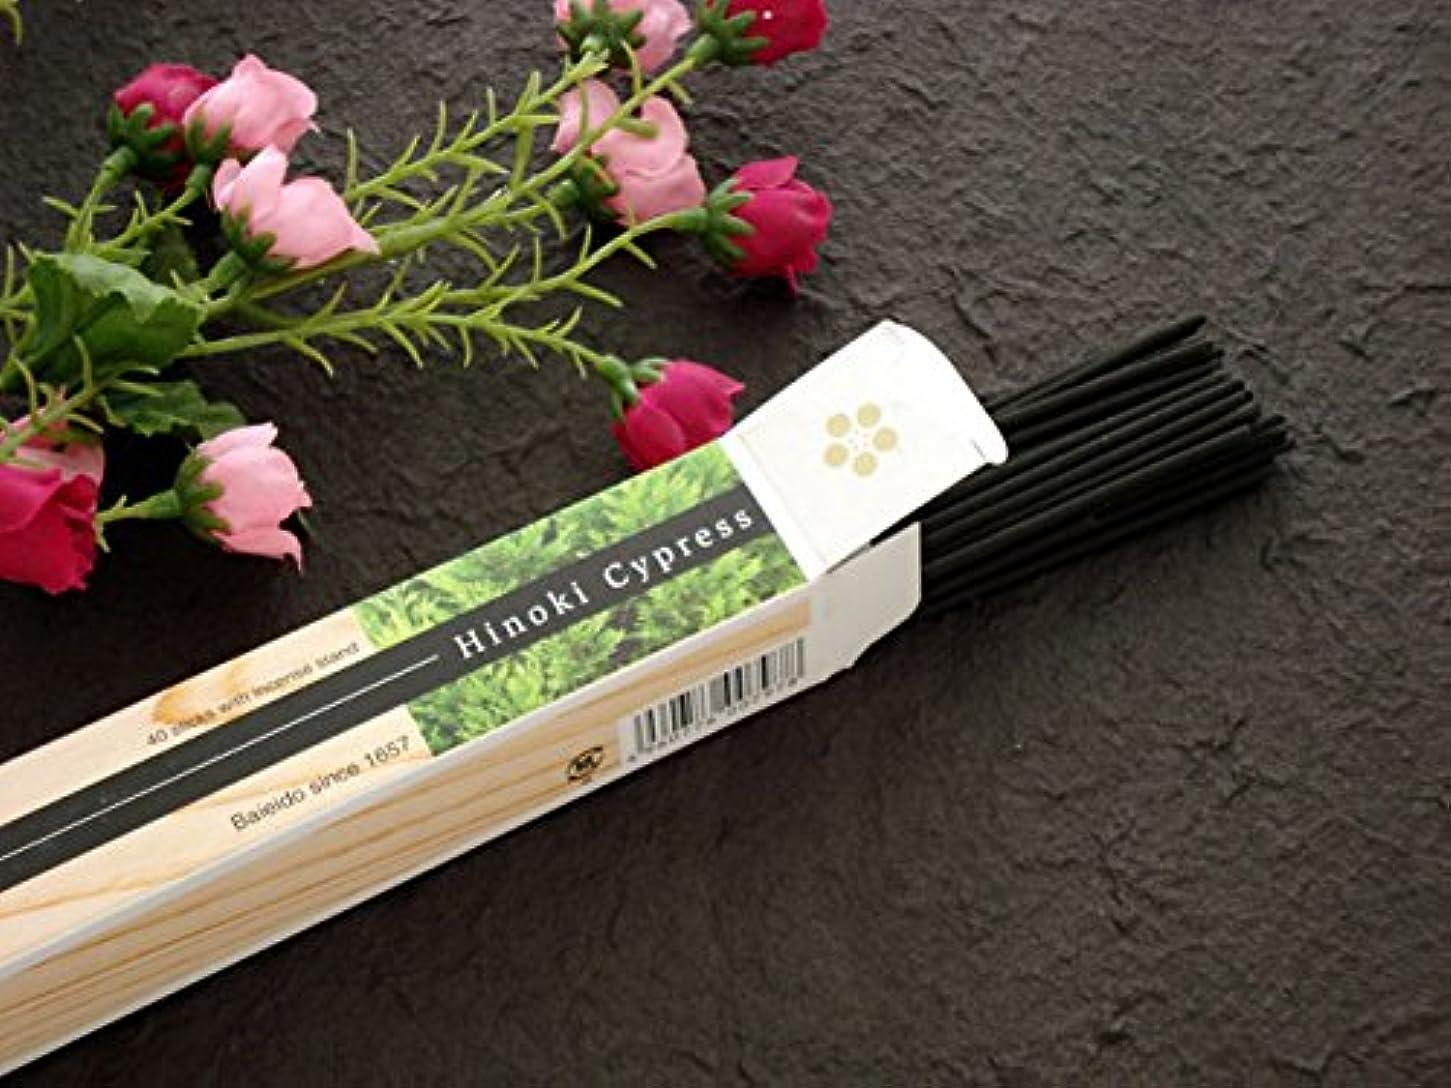 第洗う不要梅栄堂のお香 Hinoki Cypress (檜)